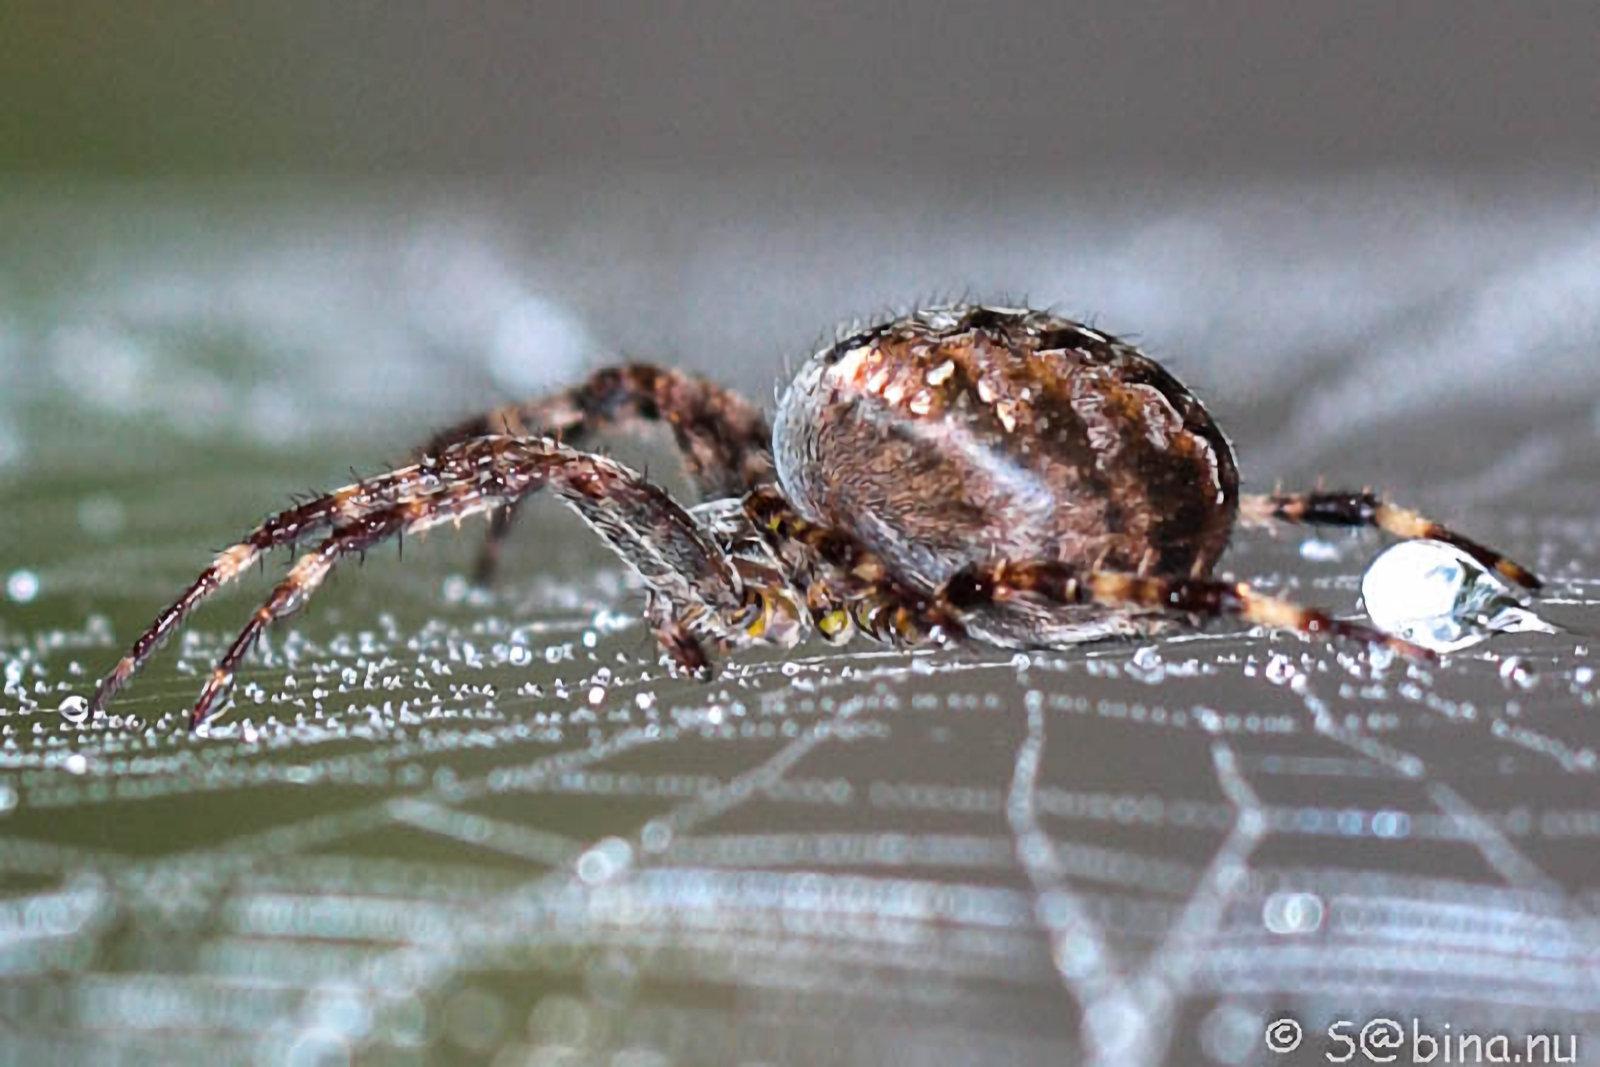 20 september 2014 – Kruisspinnen